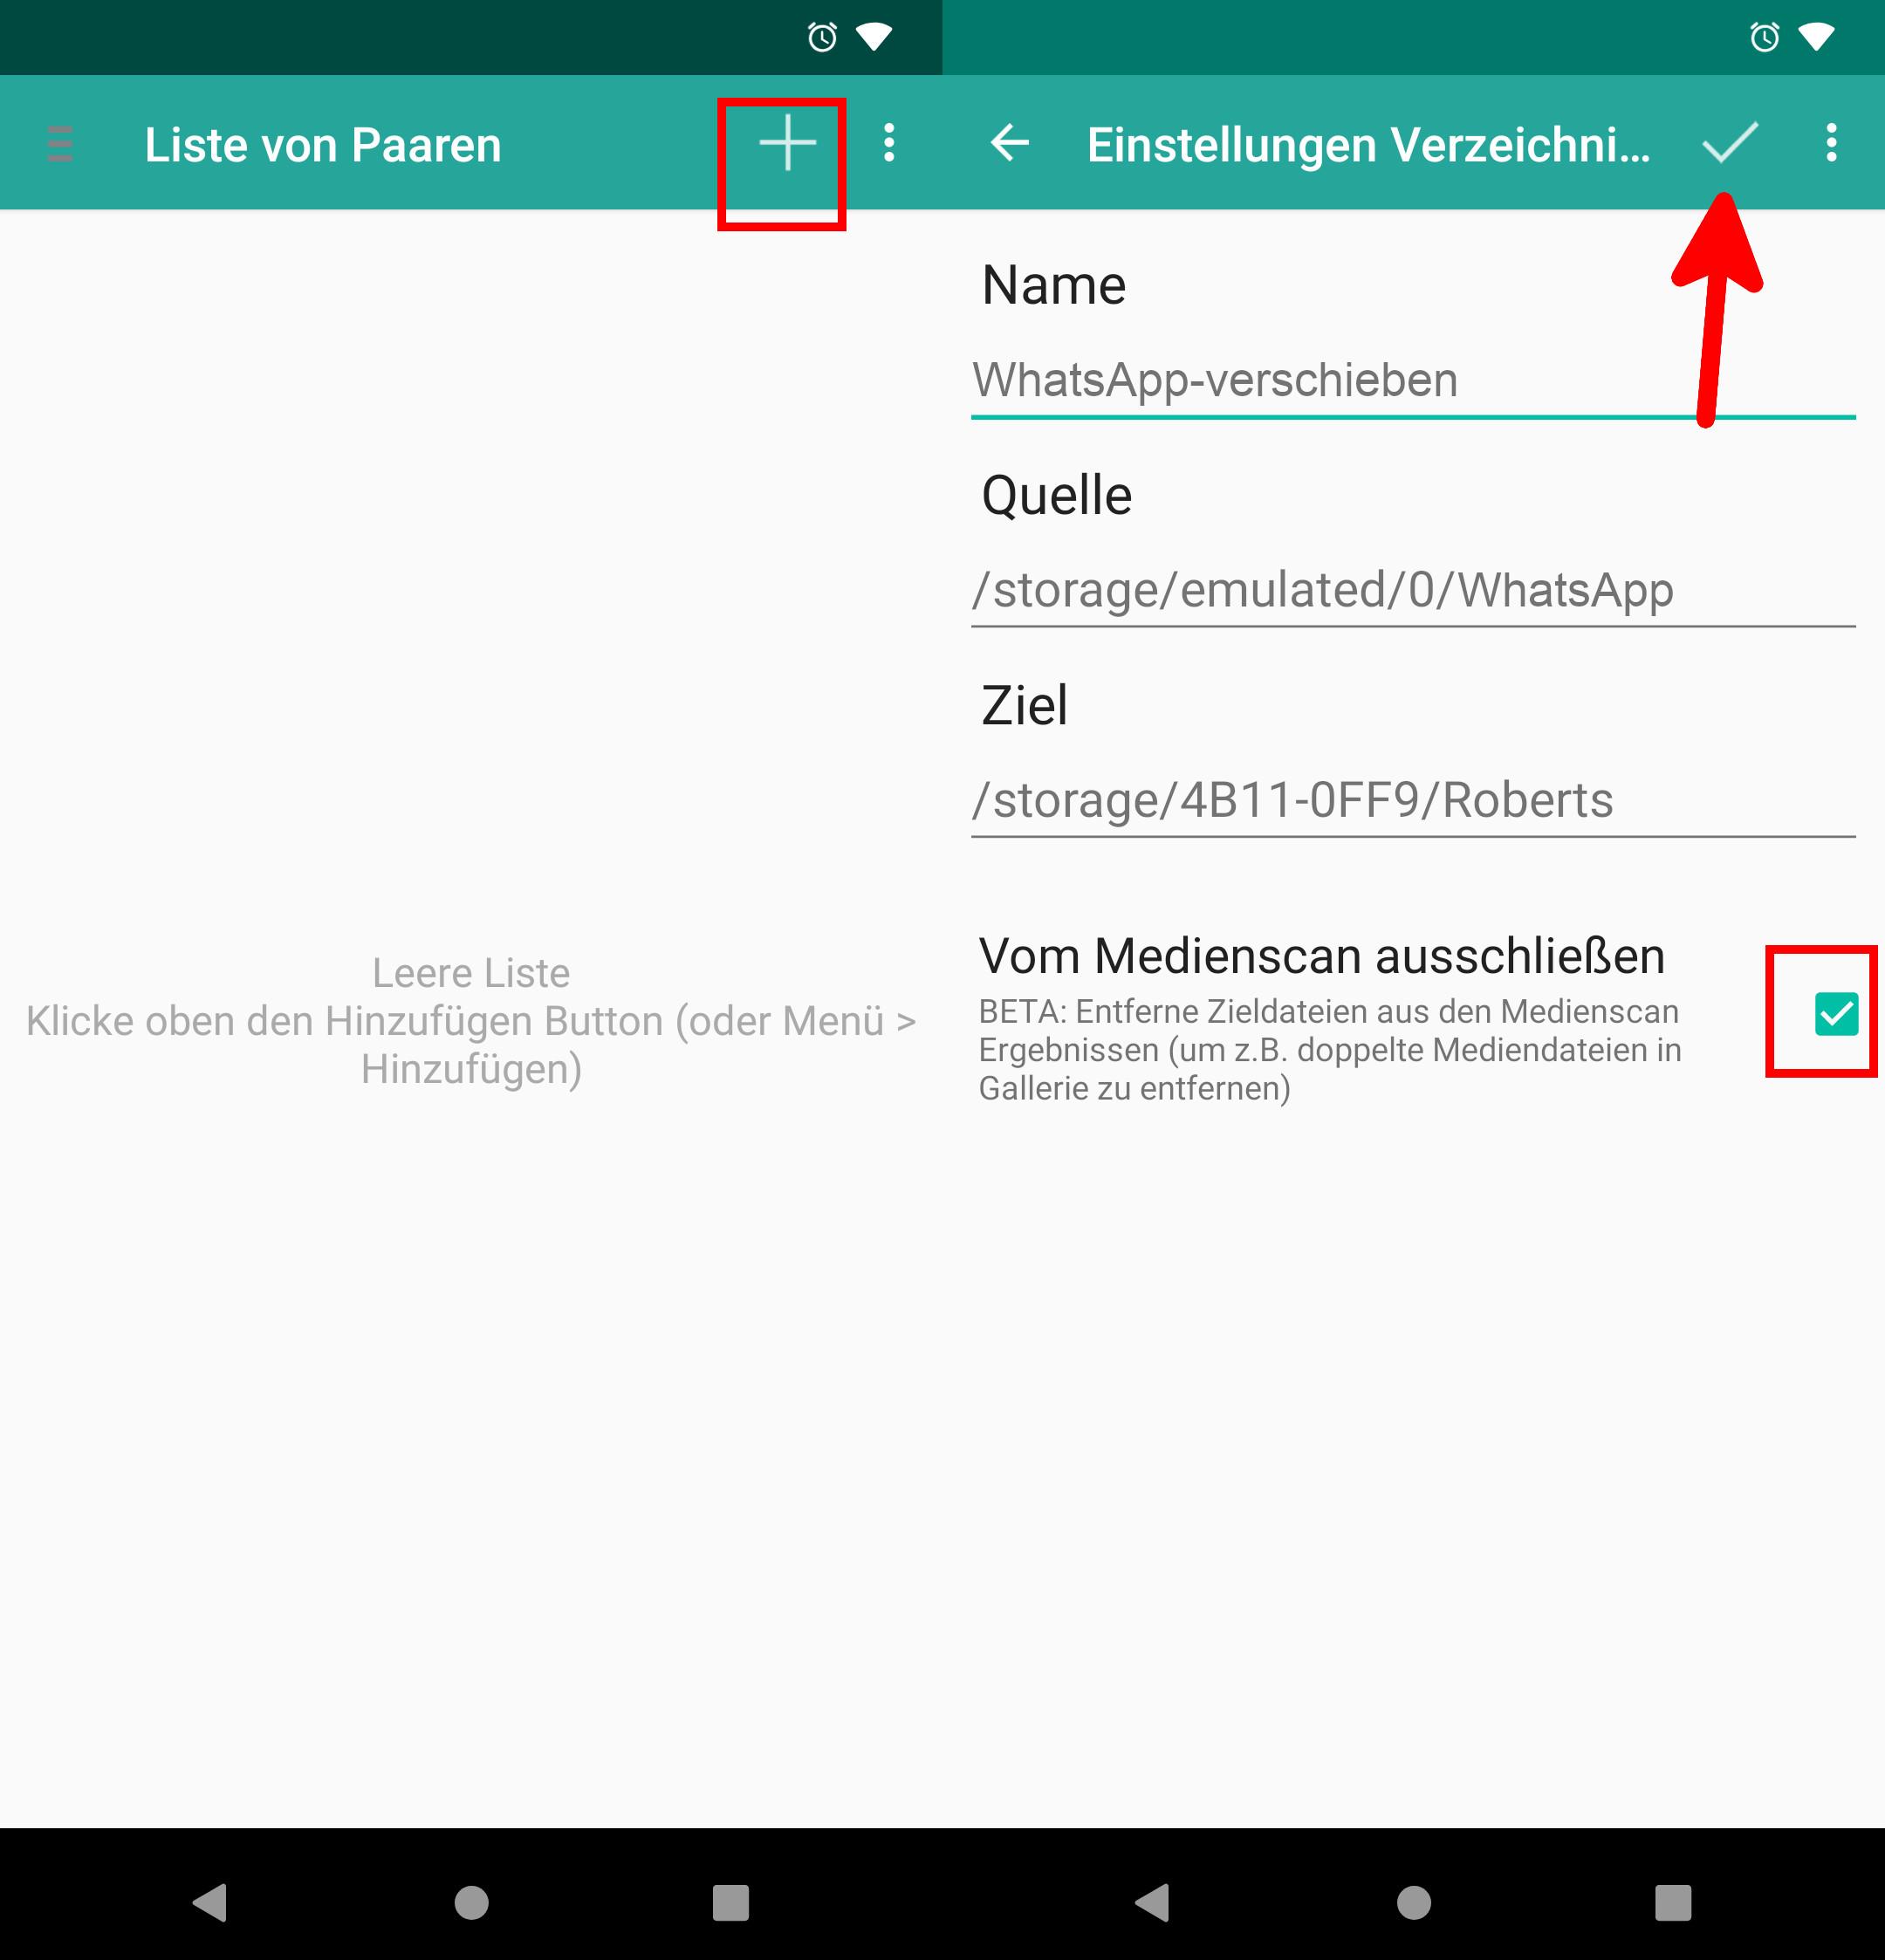 Whatsapp Auf Externen Speicher Verschieben - kinatun ikuas